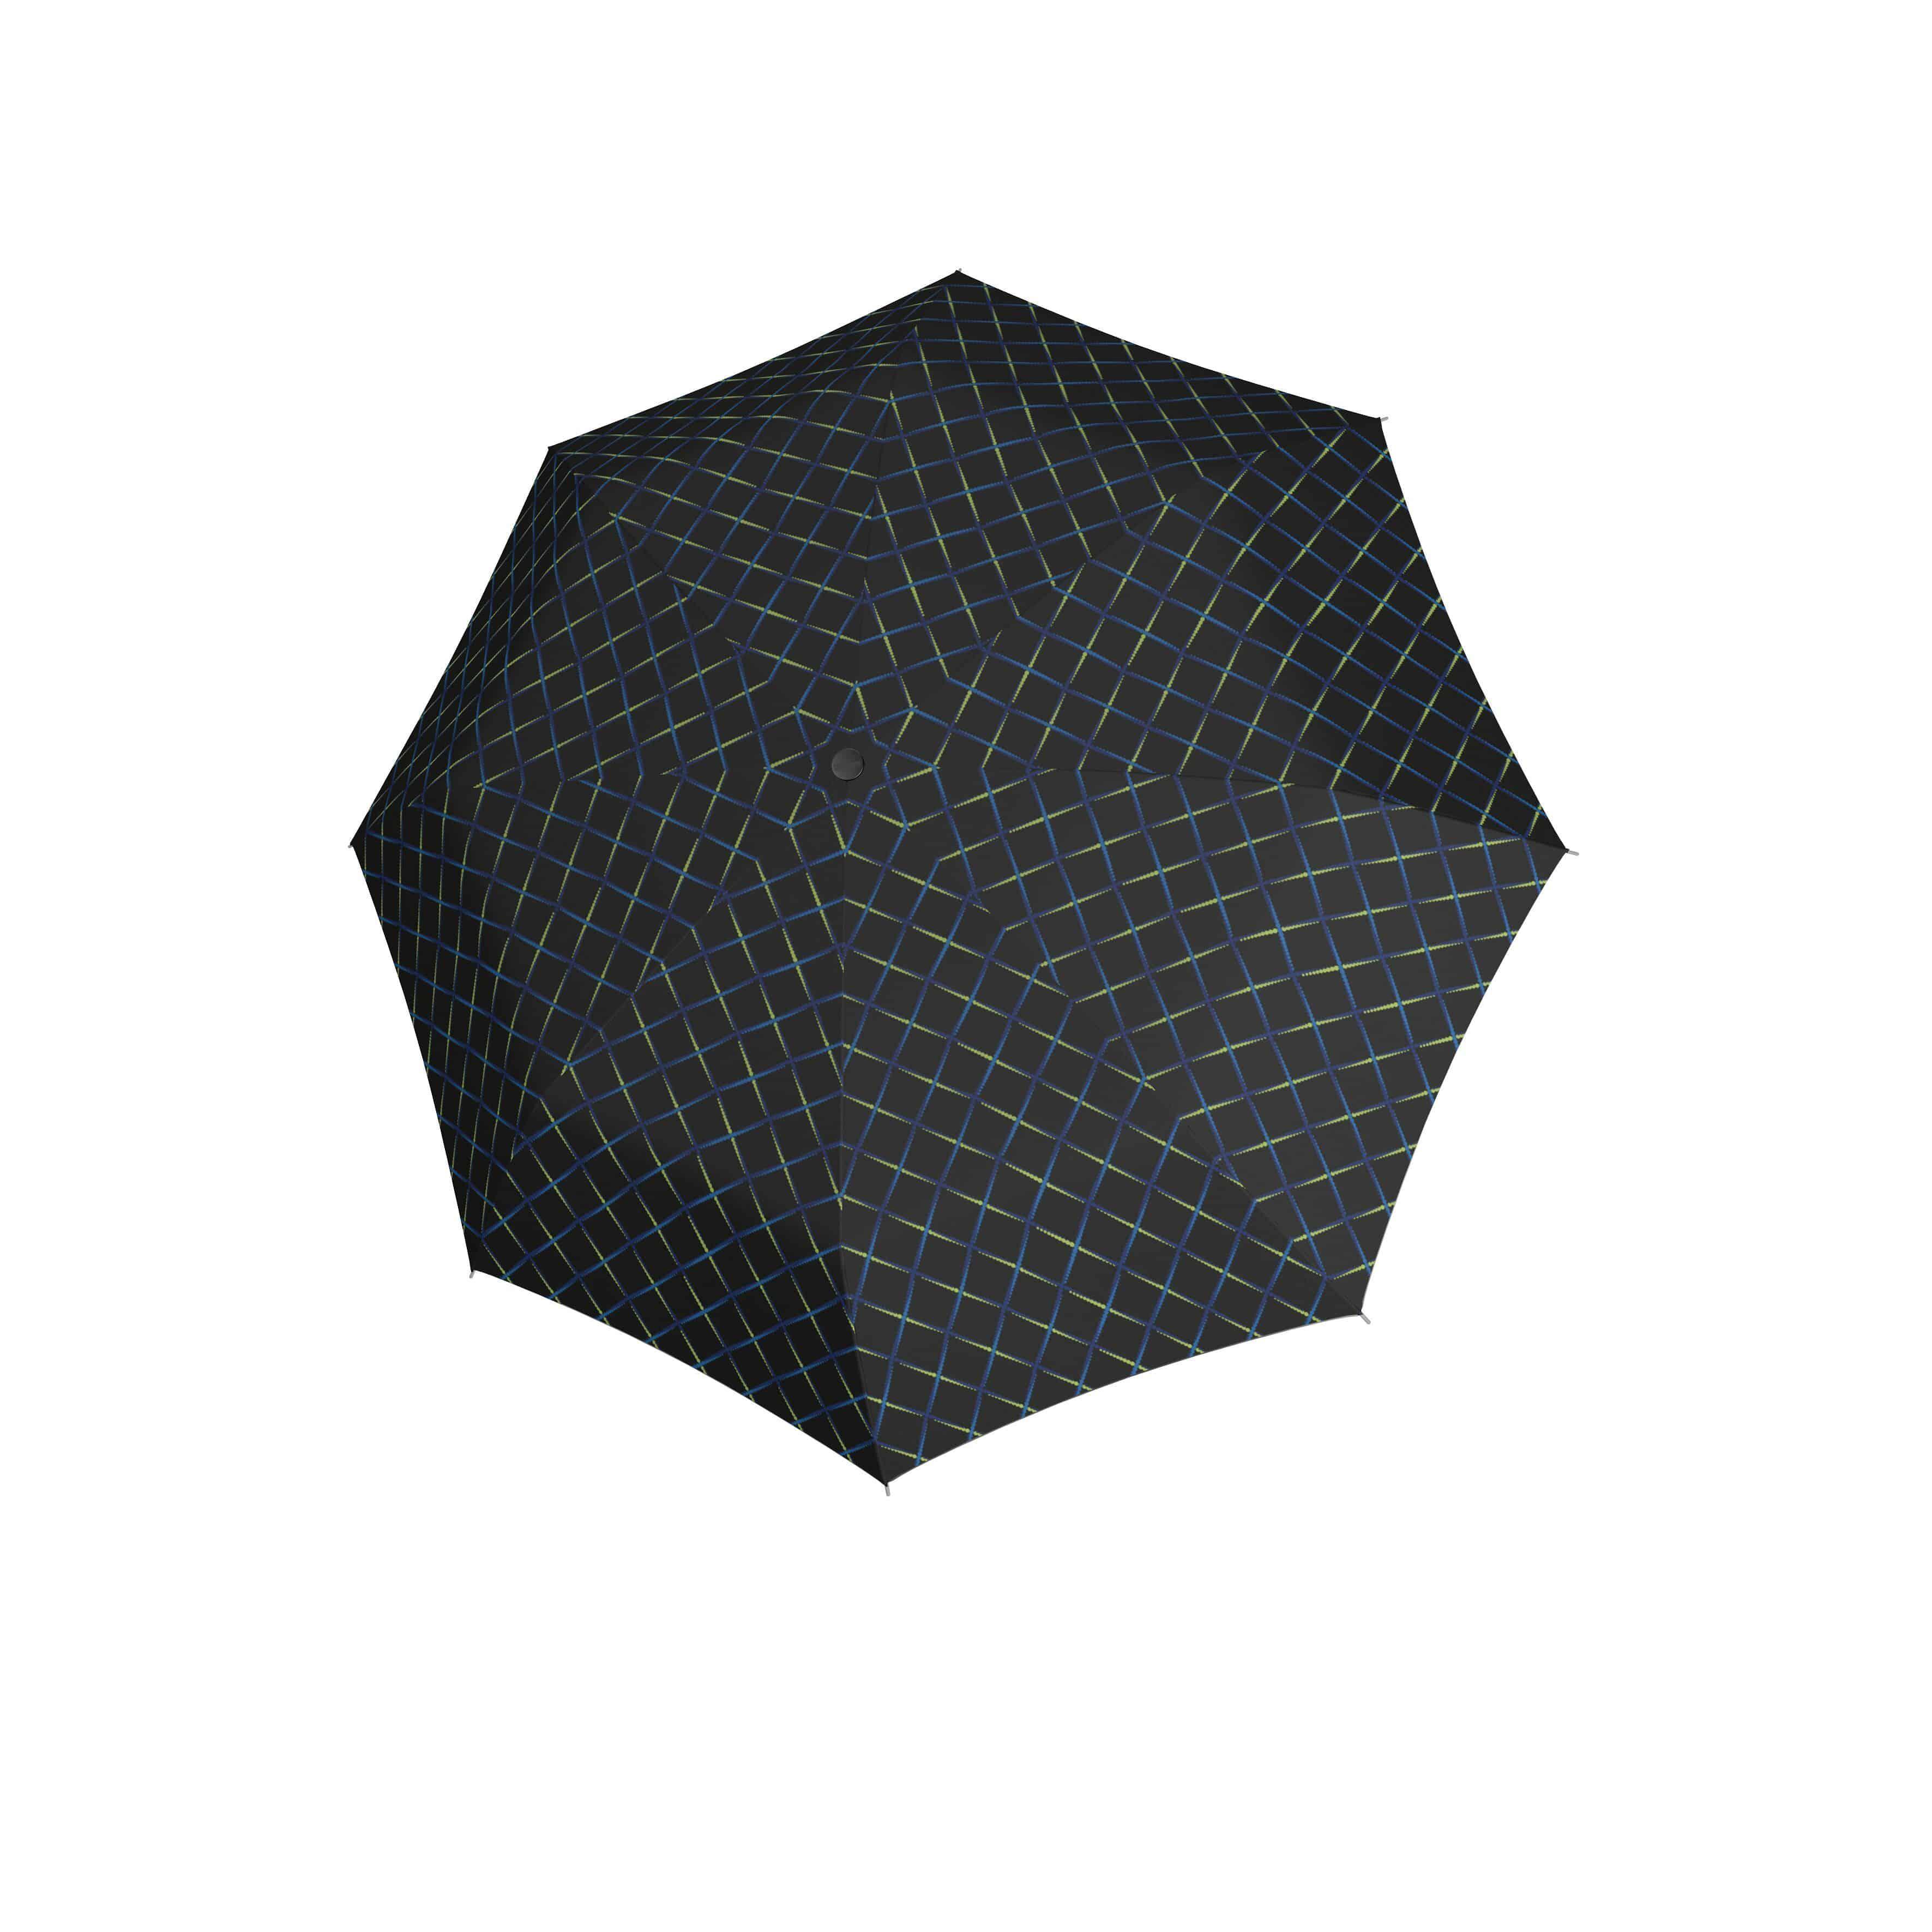 Knirps Umbrella X1 manual (8 ribs) - foto 2